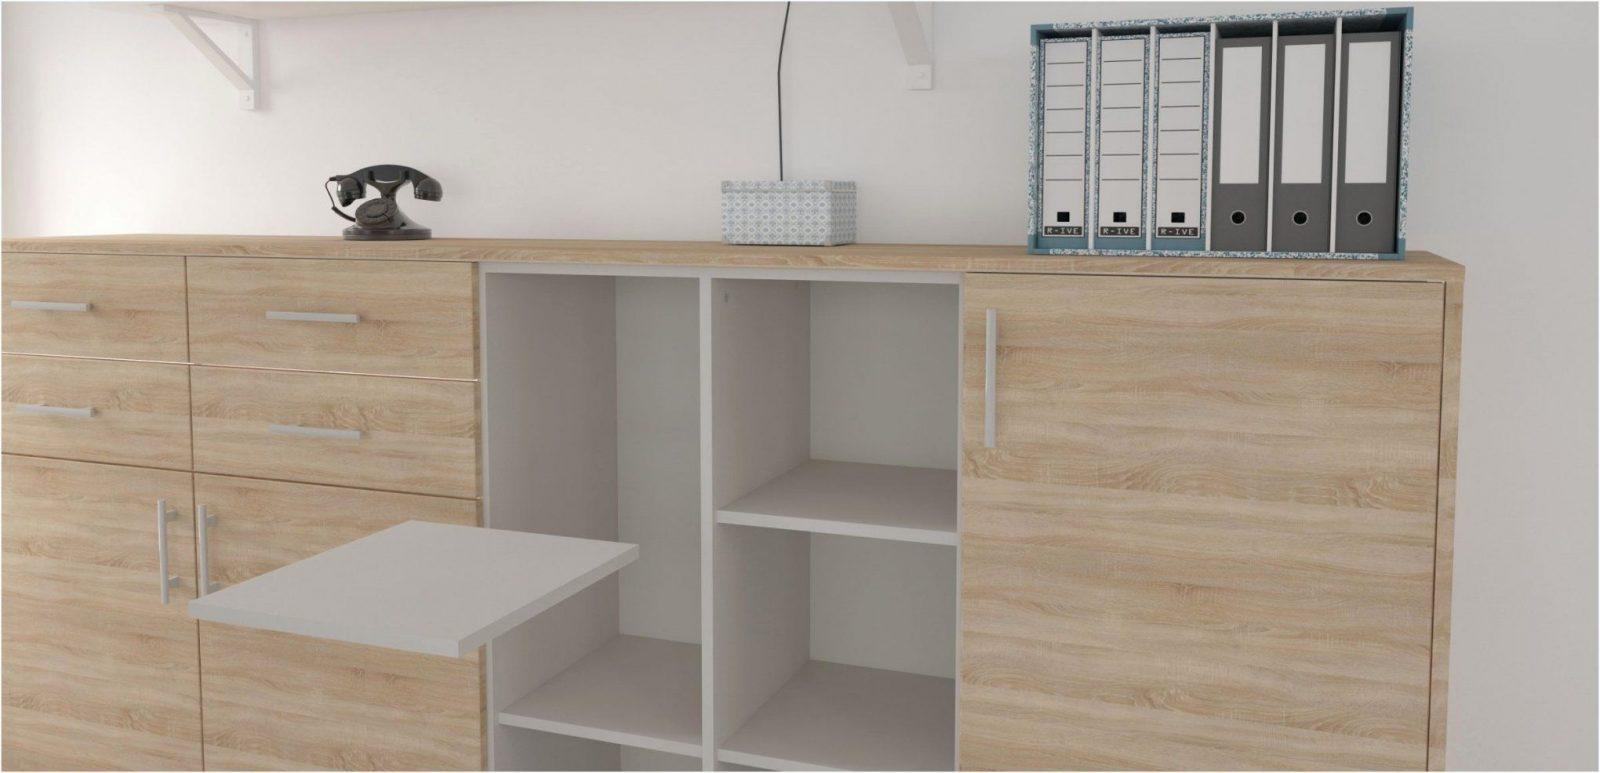 Küchenschrank Schiebetüren Selber Bauen